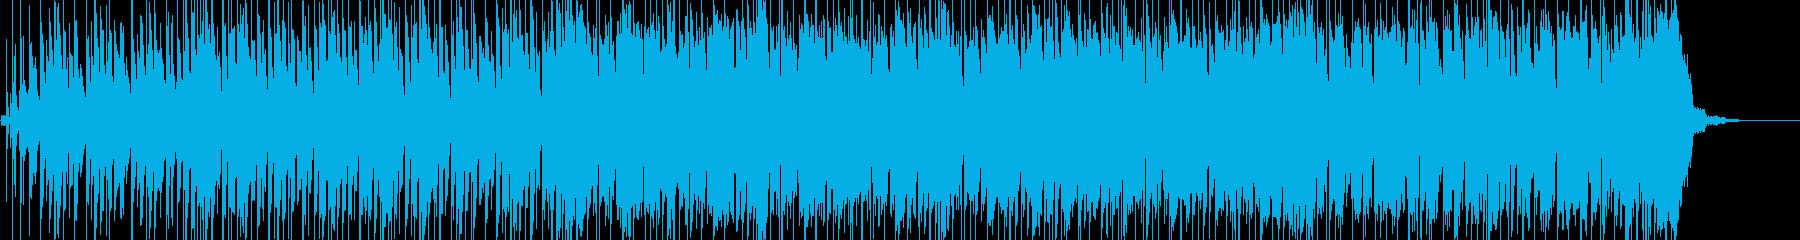 スタイリッシュ・コミカル・アップテンポの再生済みの波形